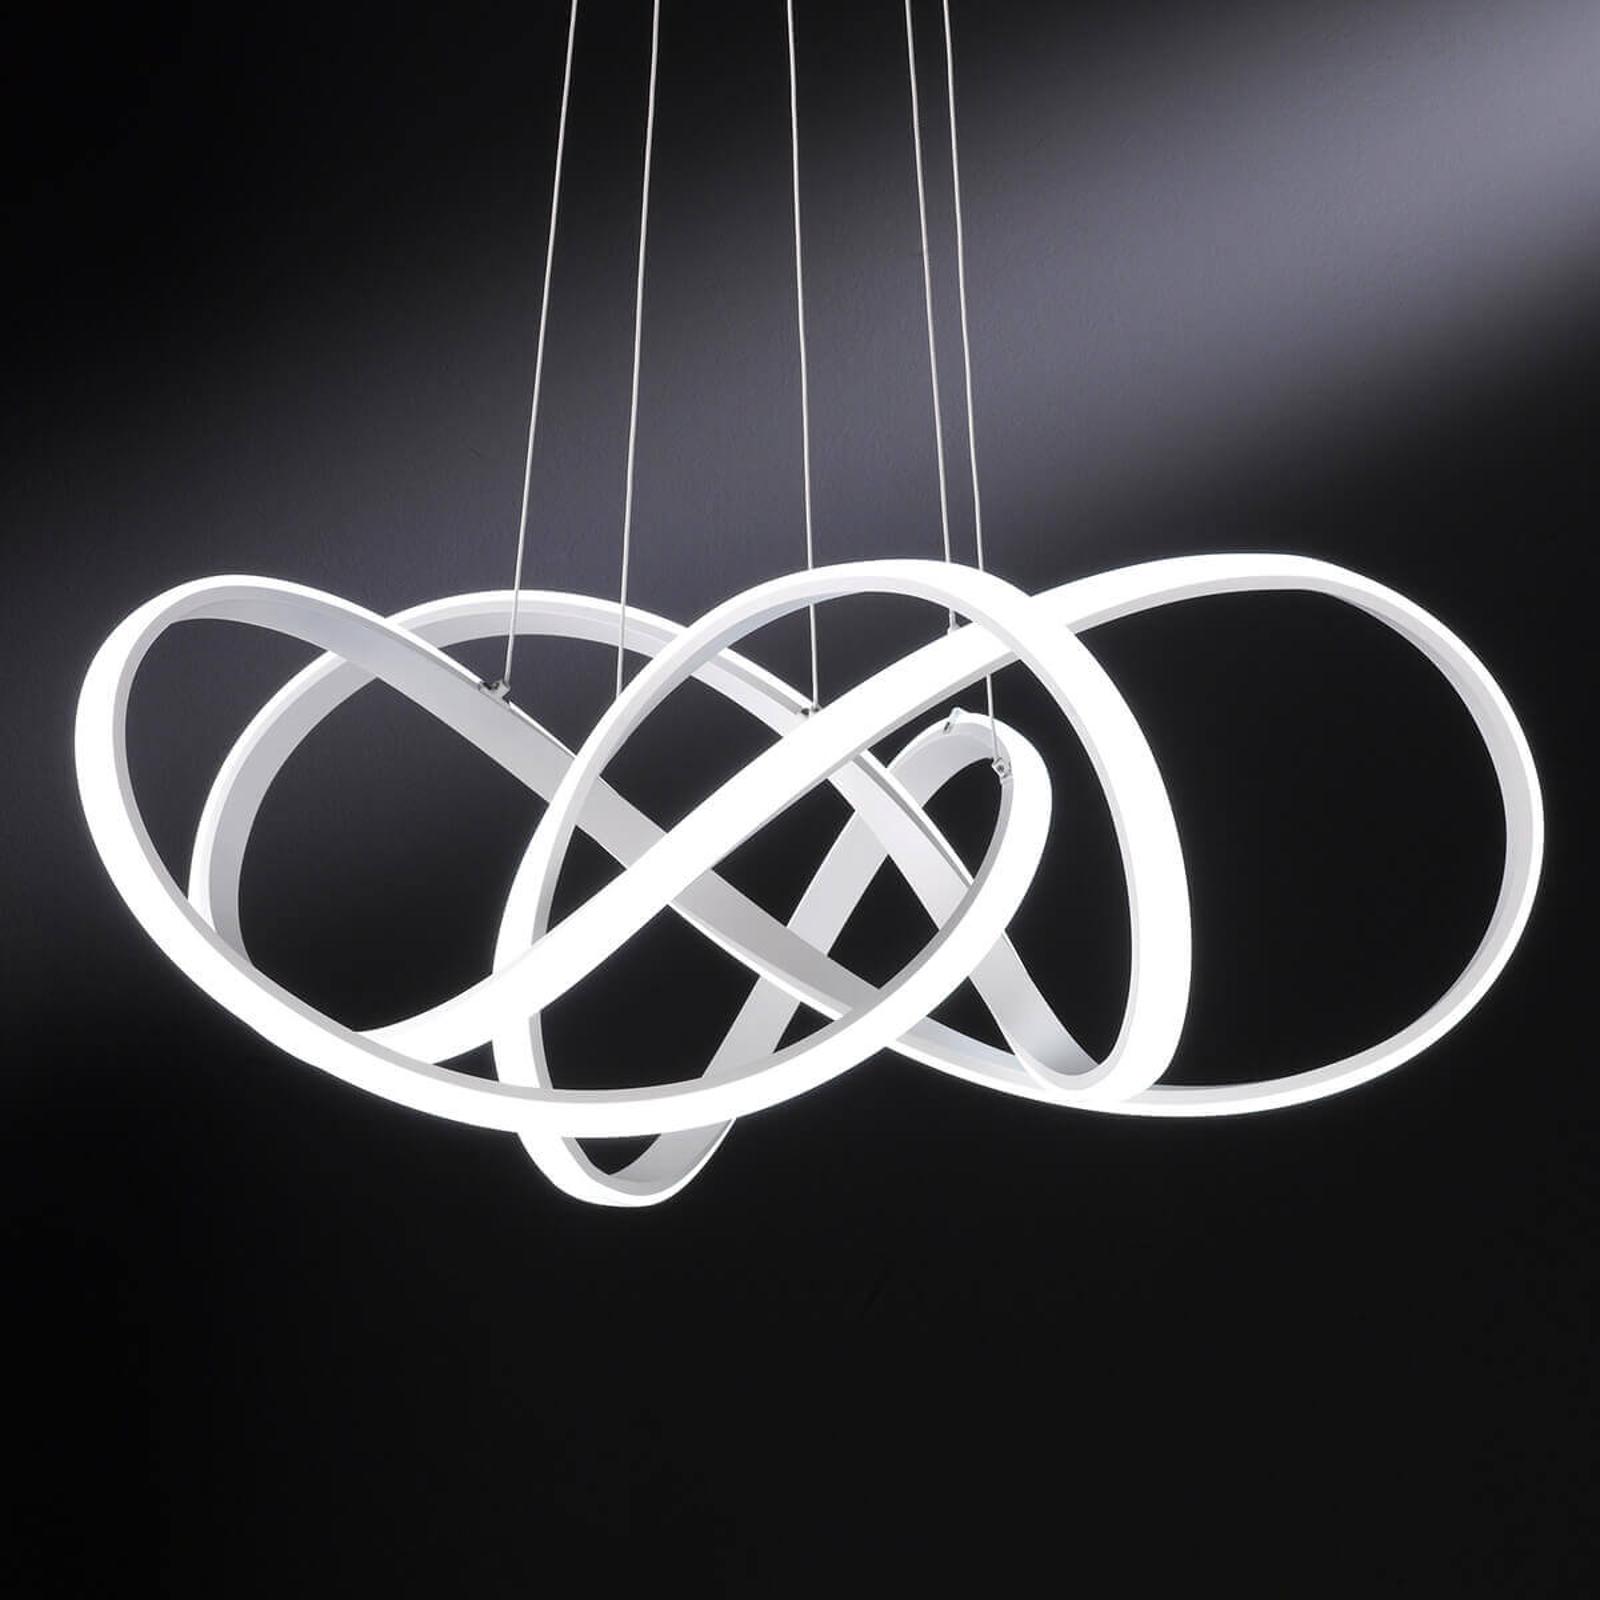 Heldere LED hanglamp Art in een elegant ontwerp